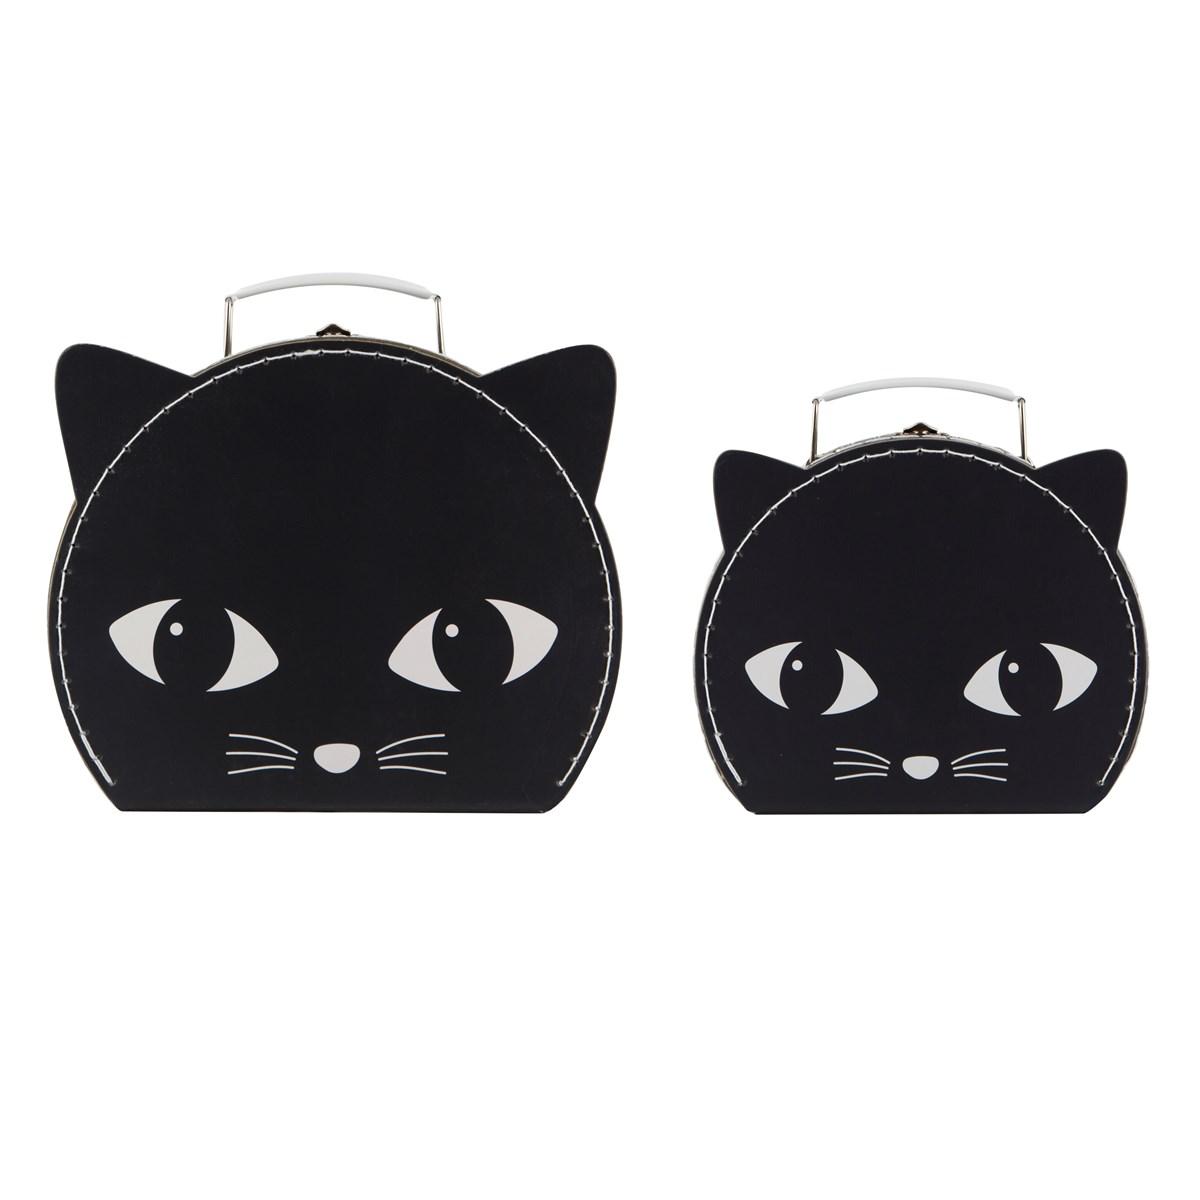 """Kartonový kufřík """"Kočka"""" černý - menší"""